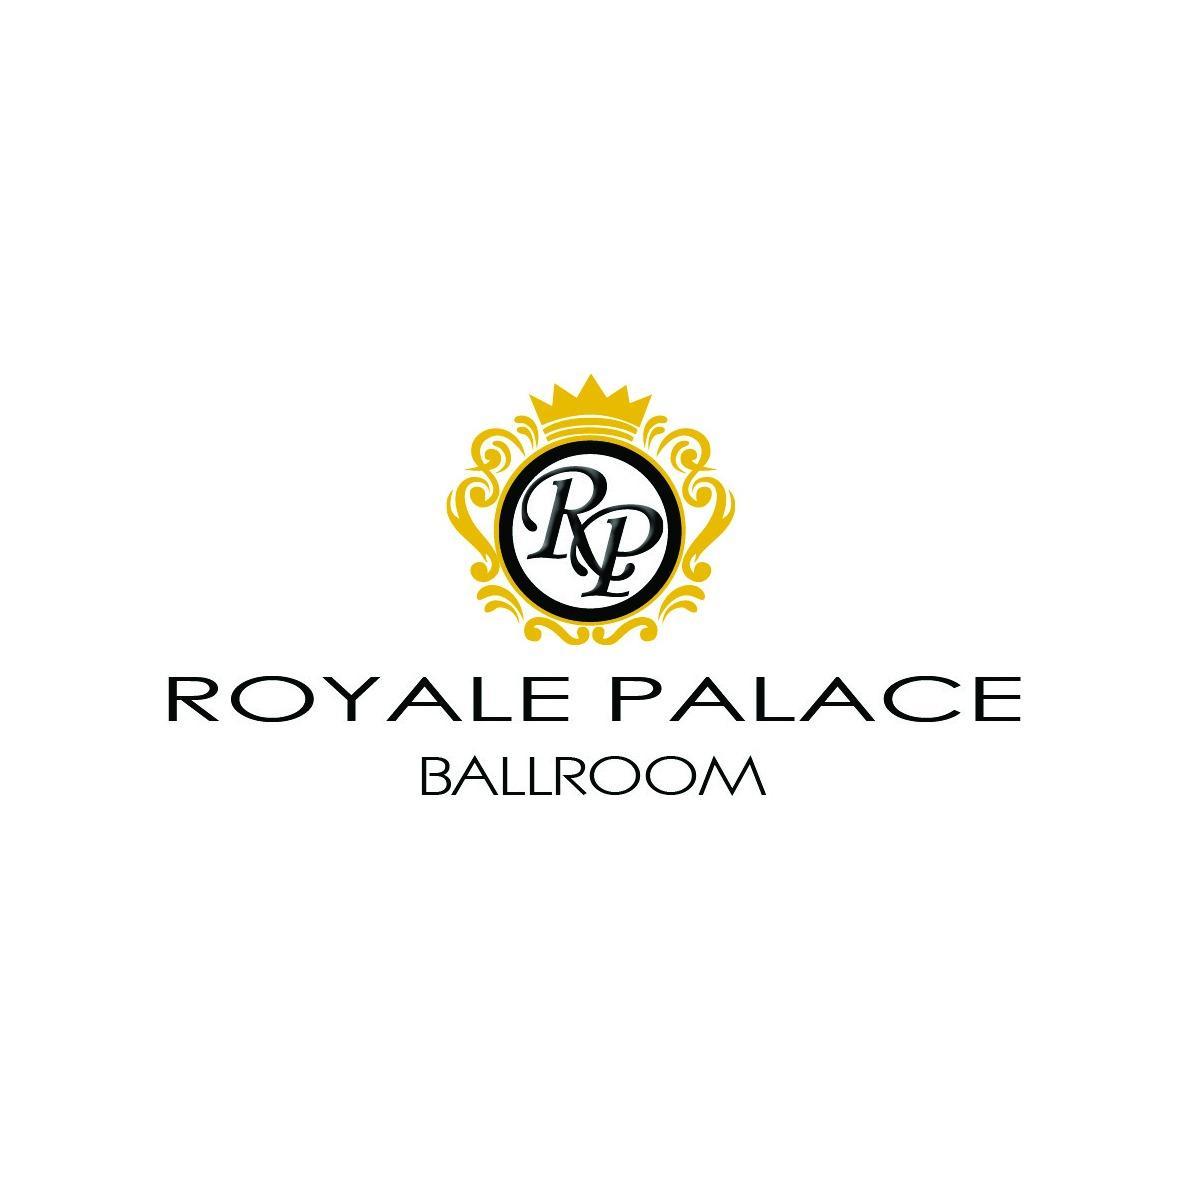 Royale Palace Ballroom image 5